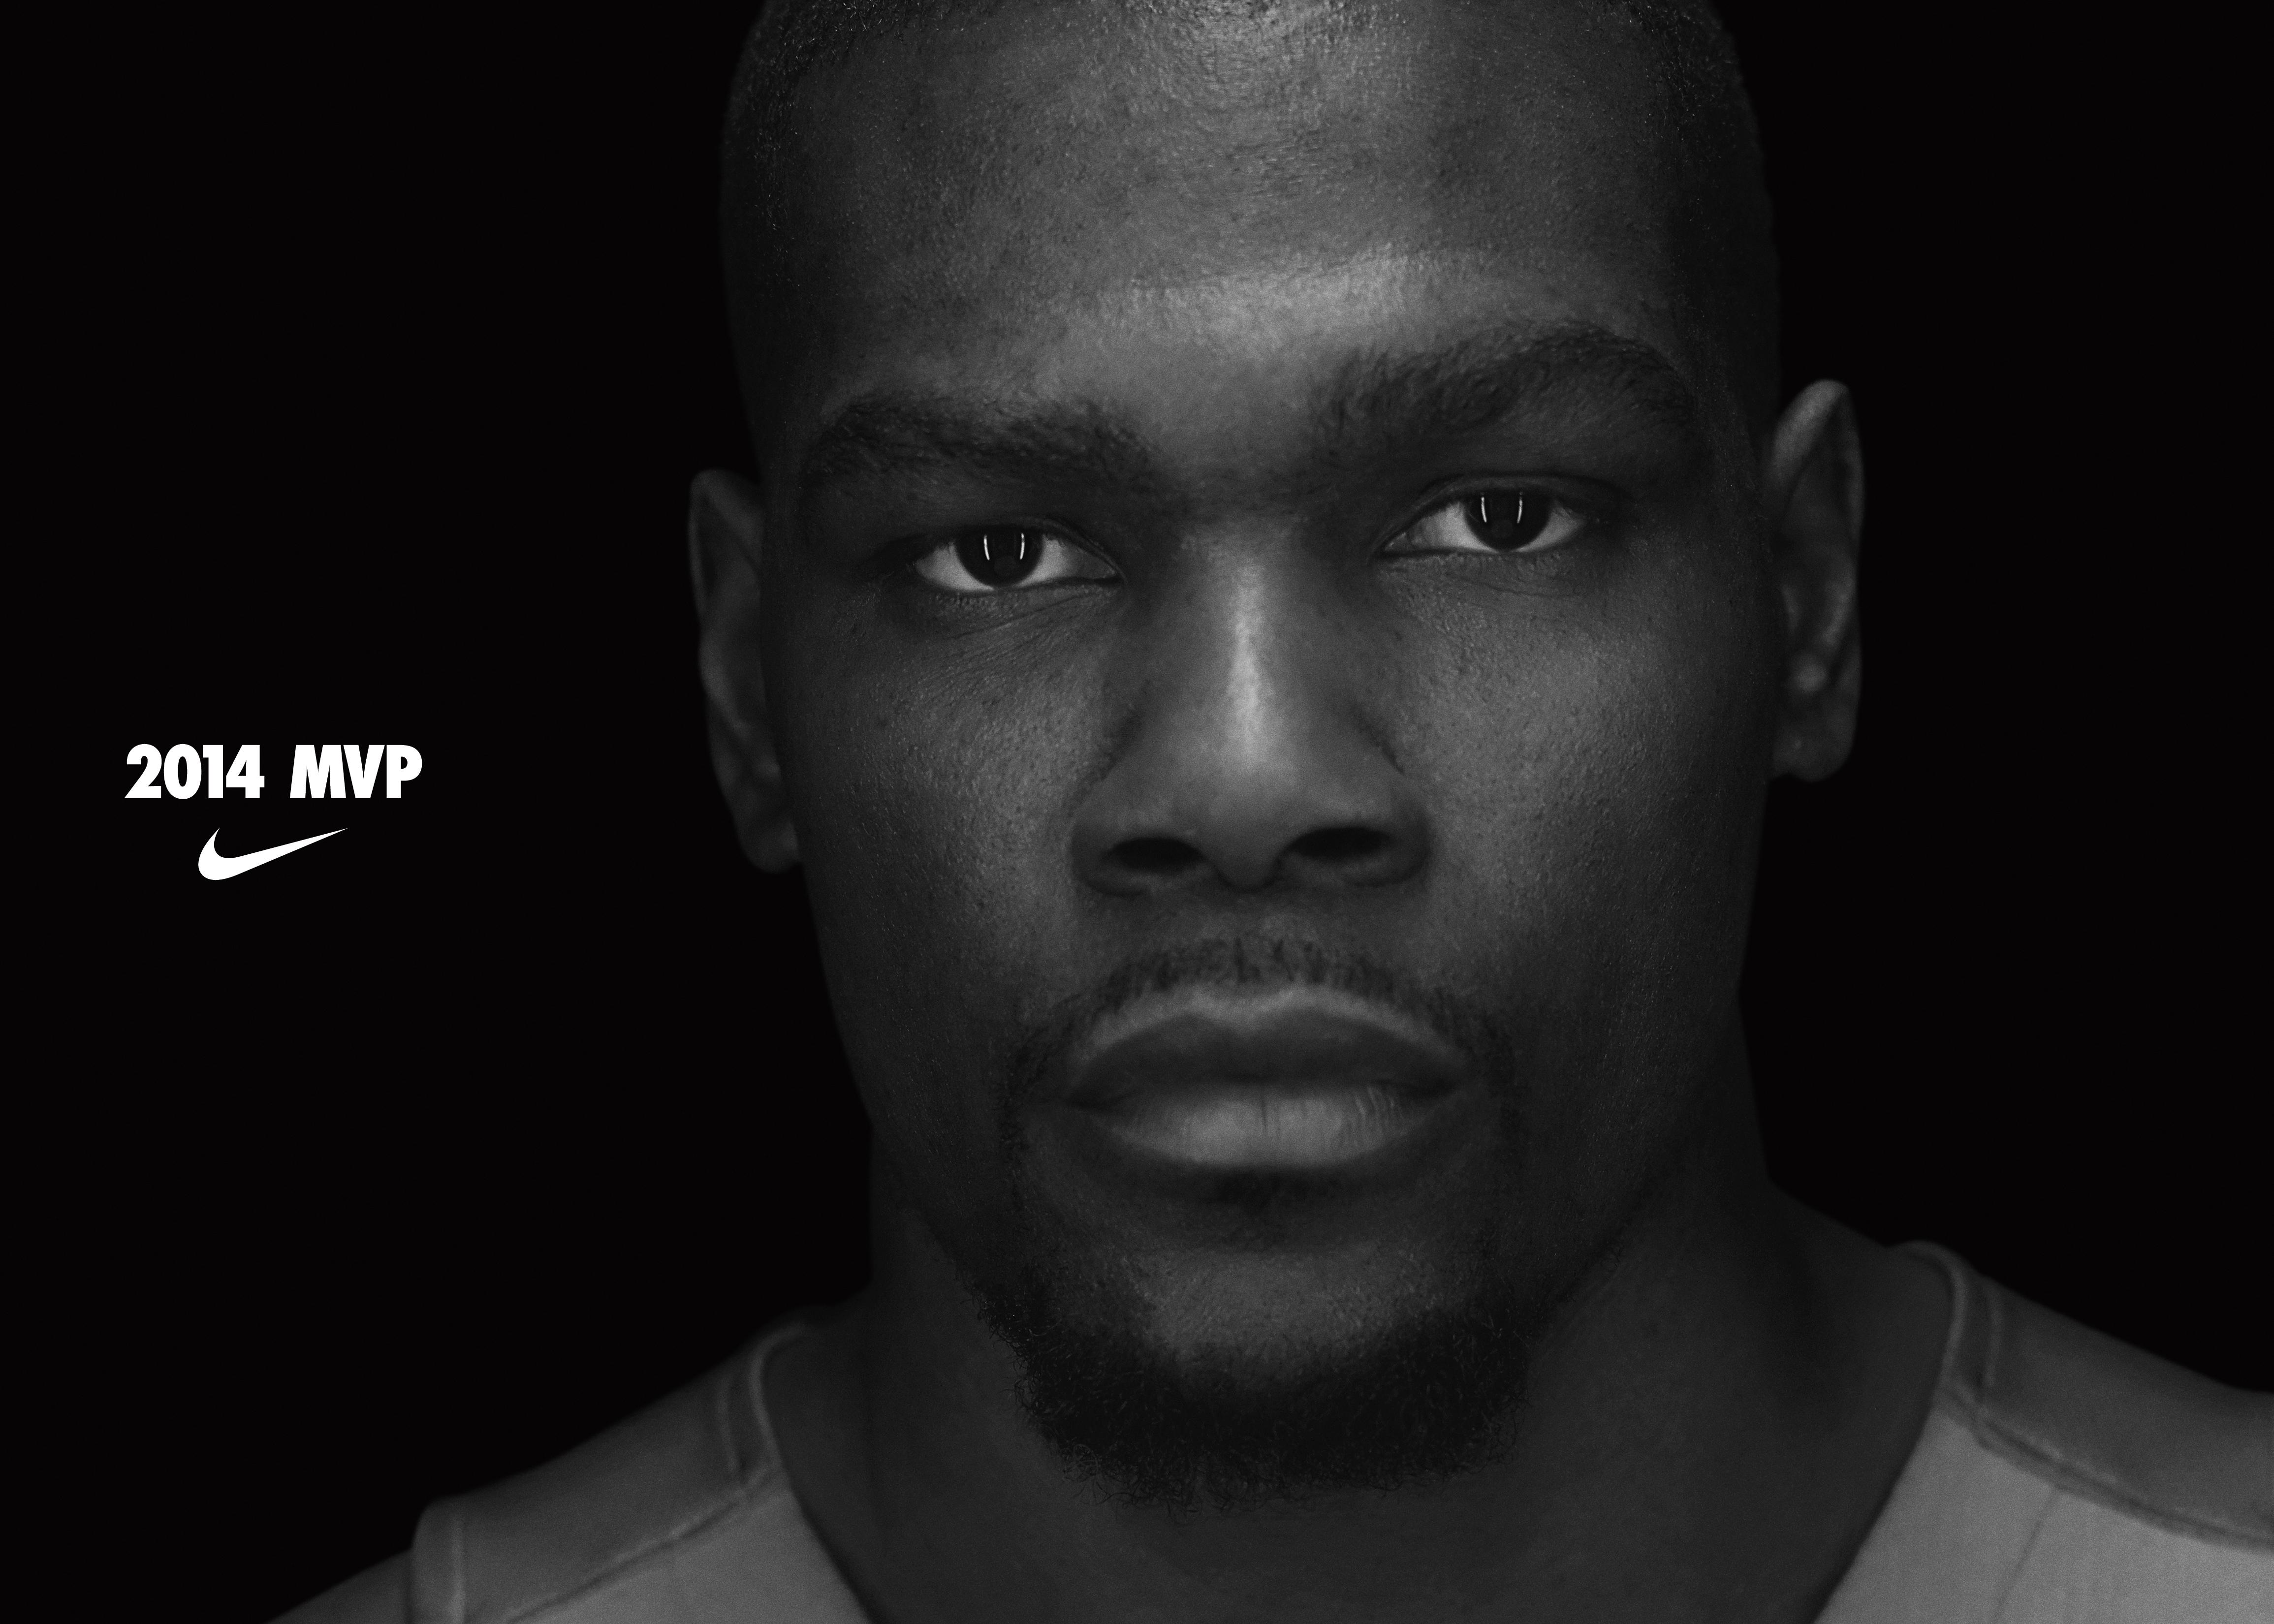 Nike Congratulates KD on First MVP Award